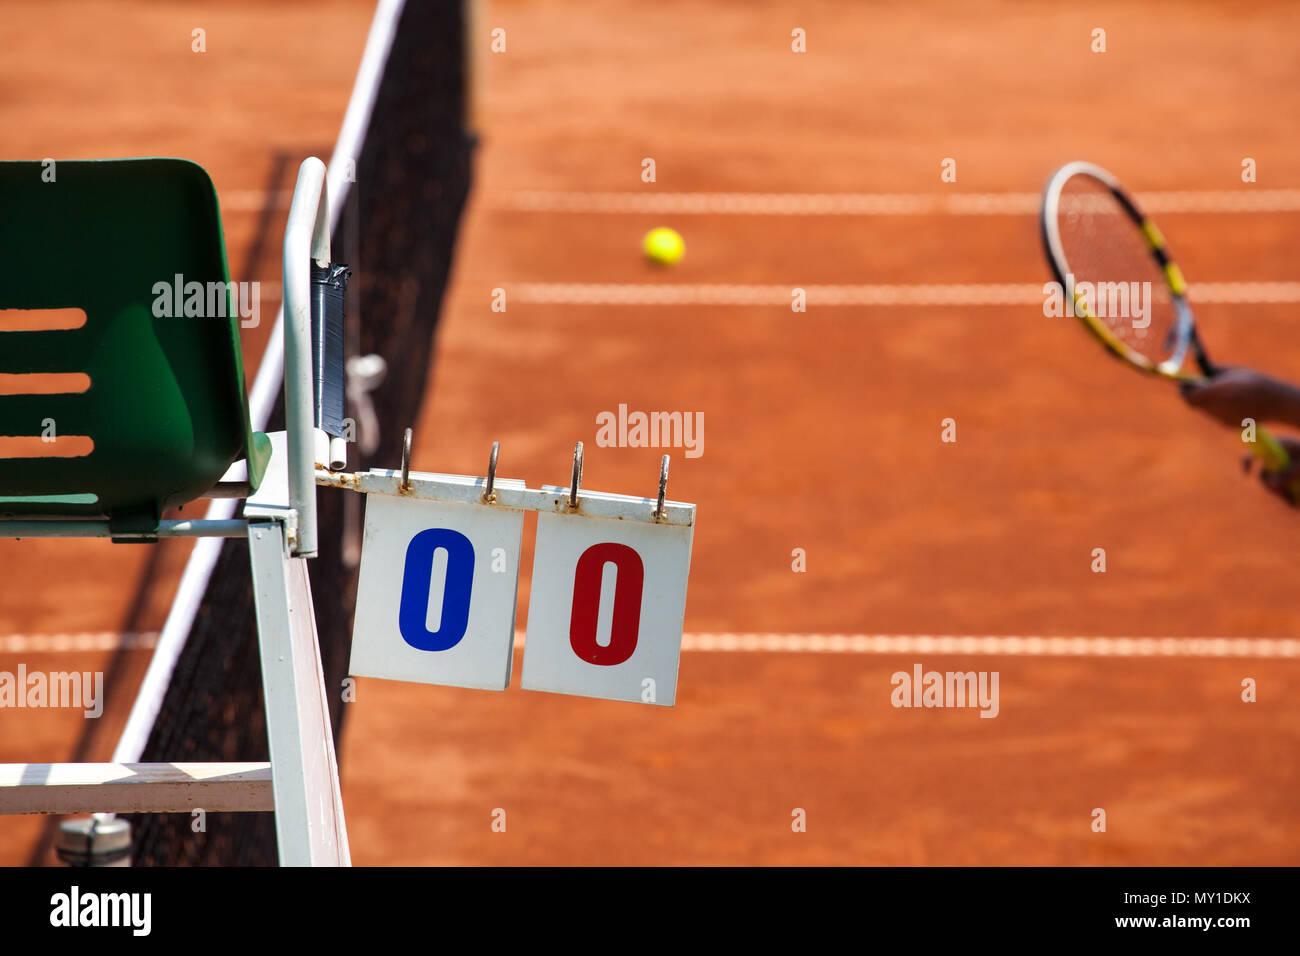 Tavolo Tennis tabellone segnapunti da Tavolo per Basket tabellone segnapunti per competizioni Sportive a 4 cifre YHG Tabellone segnapunti Sportivo Badminton